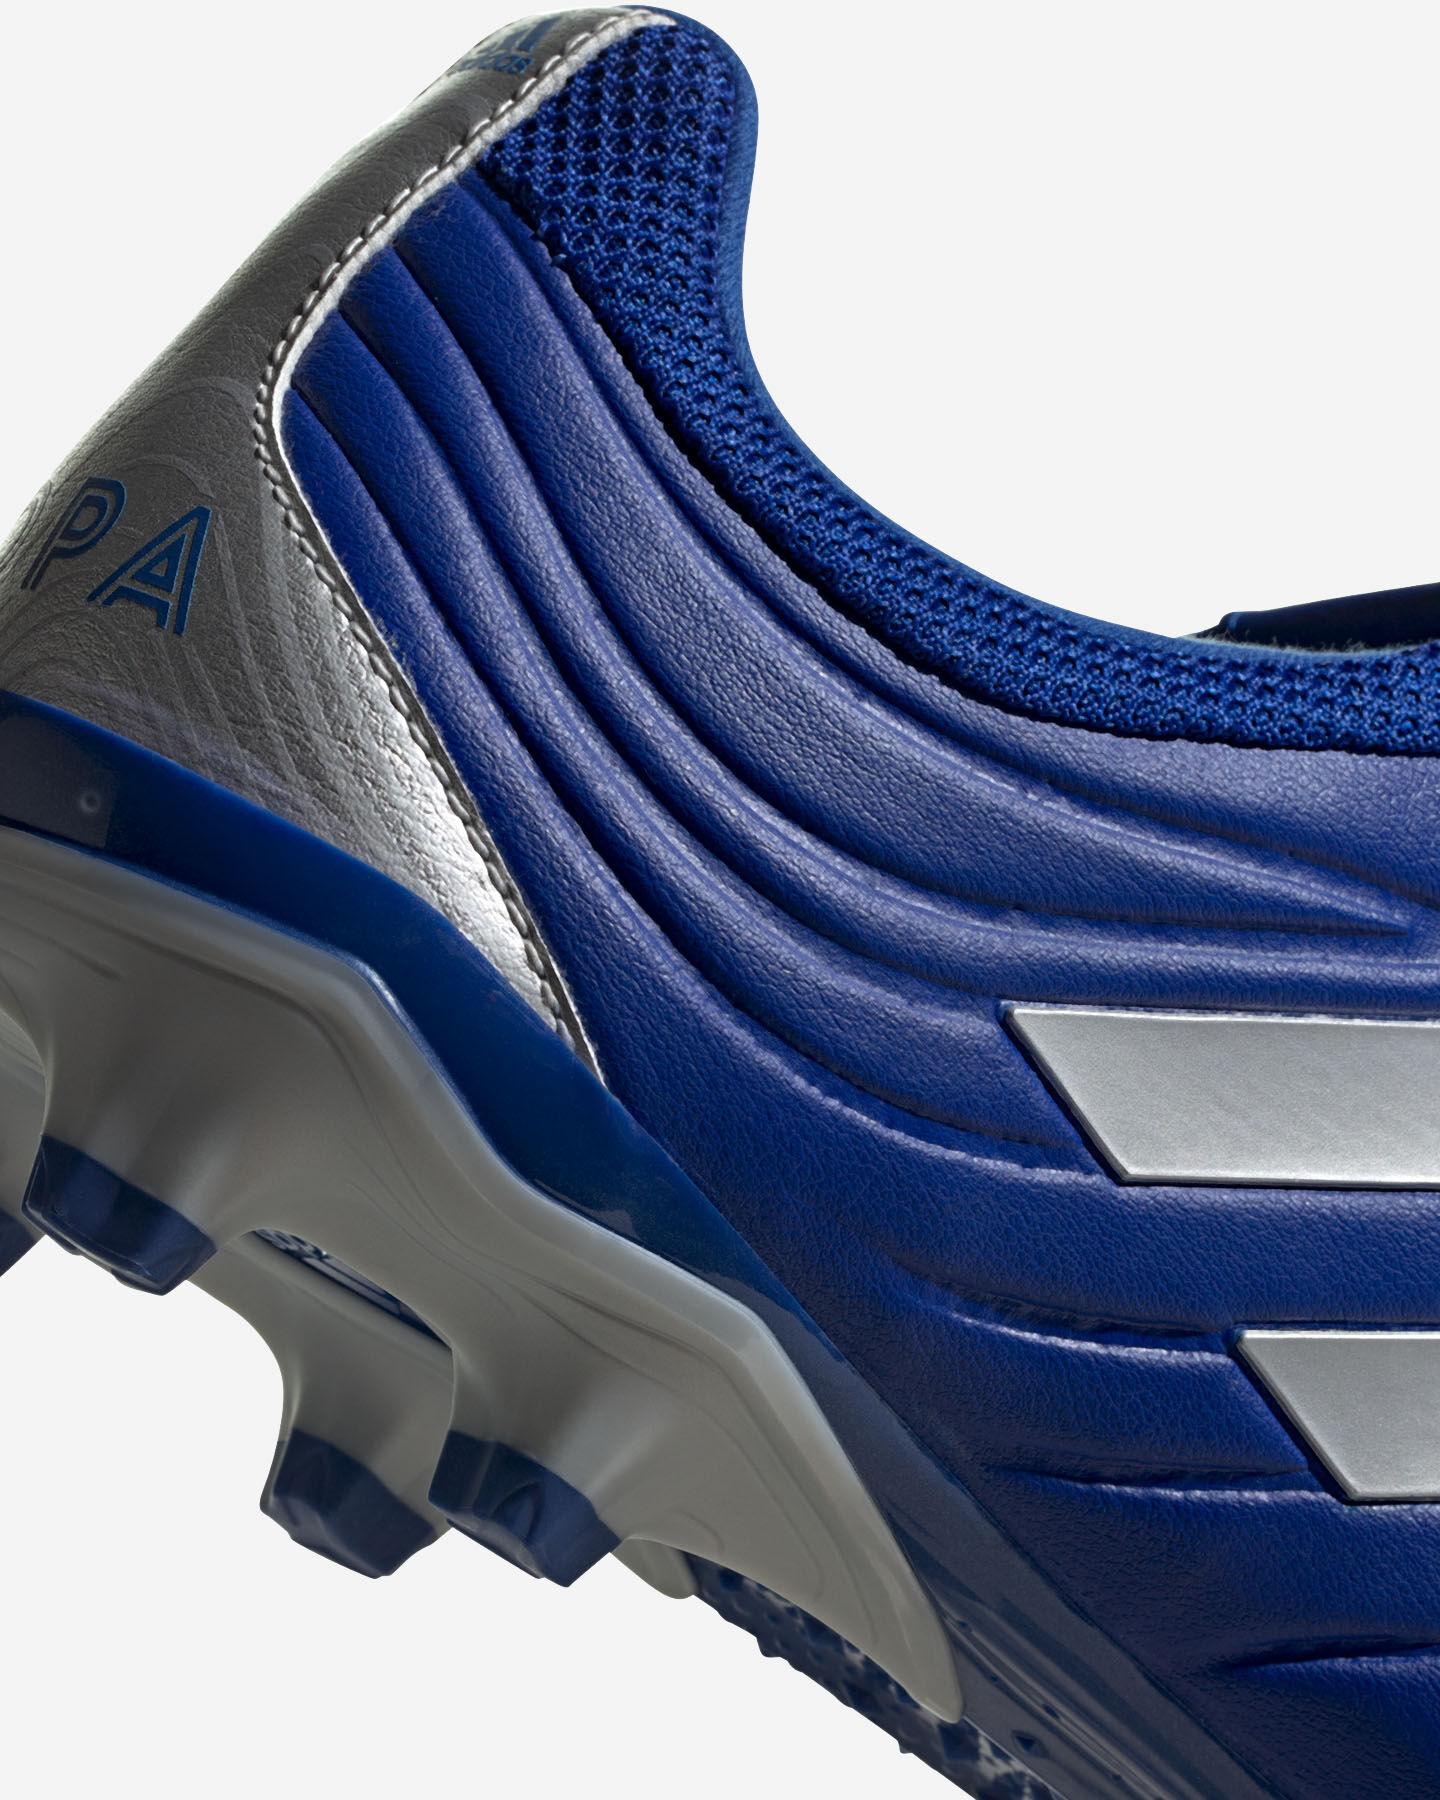 Scarpe calcio ADIDAS COPA 20.3 MGM S5217117 scatto 5